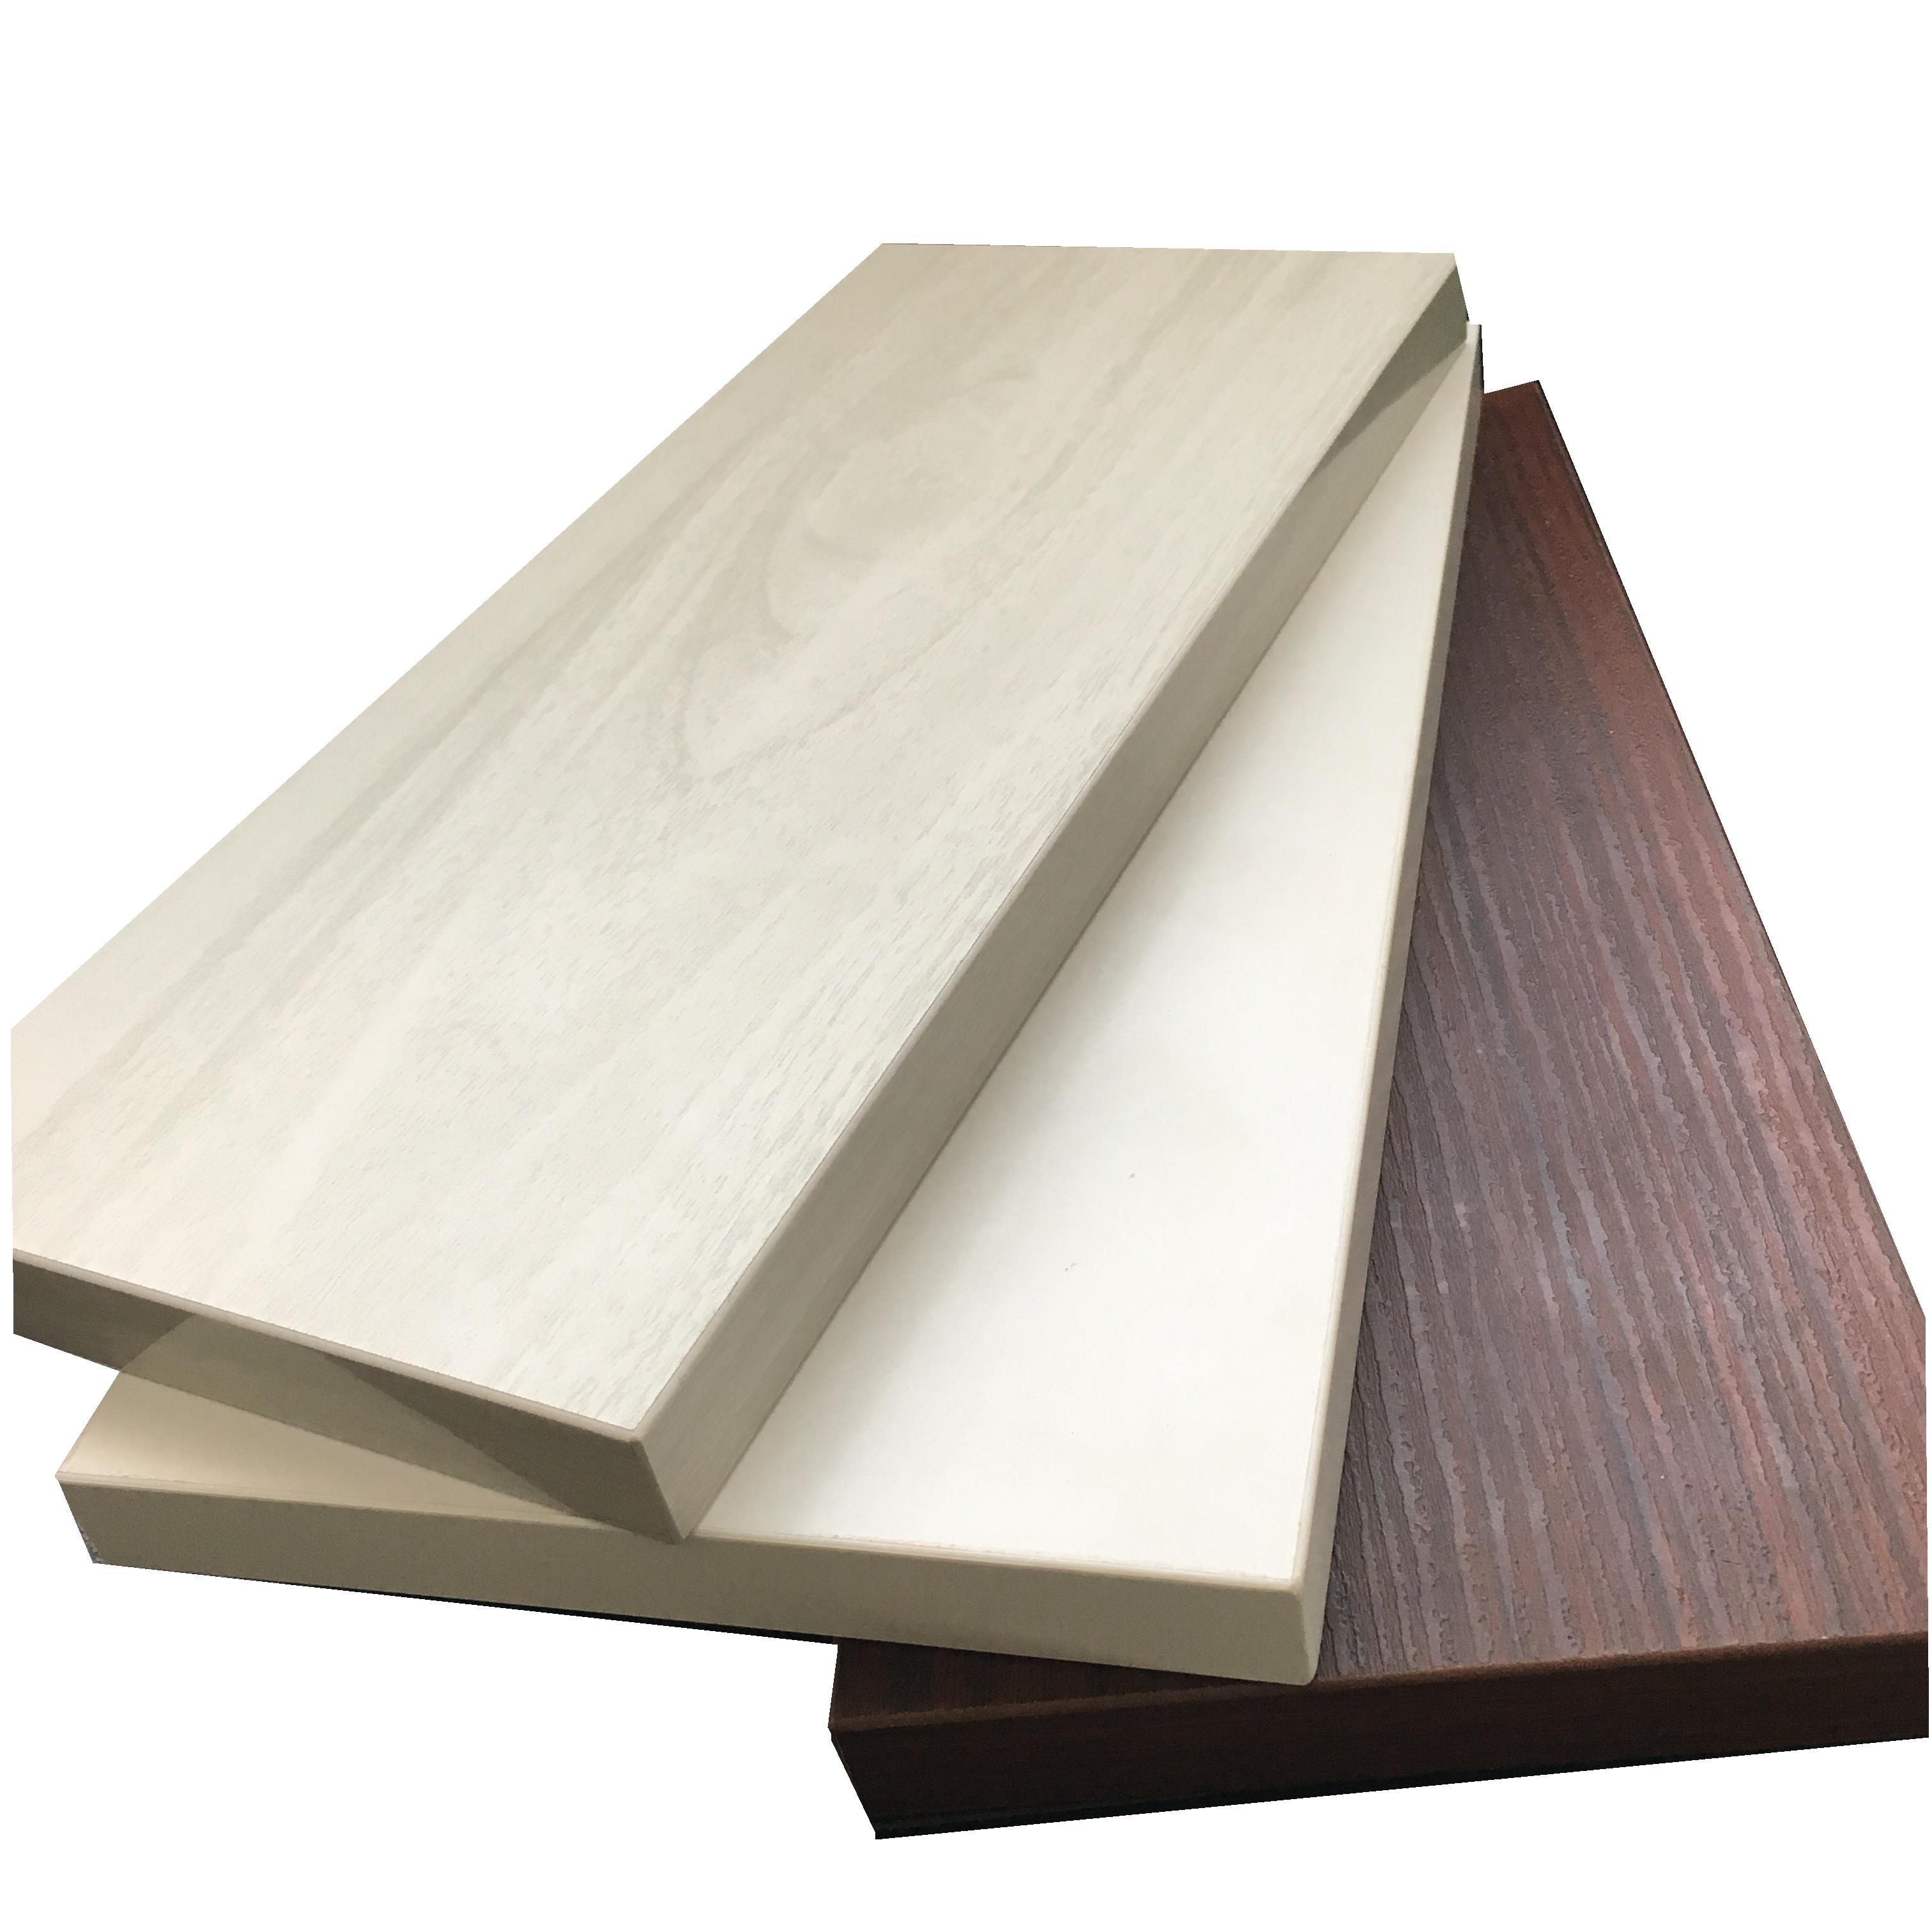 3mm Maple Melamine Plywood - Buy 3mm Maple Melamine Plywood,Canadian Maple  Plywood,Prefinished Maple Plywood Product on Alibaba com